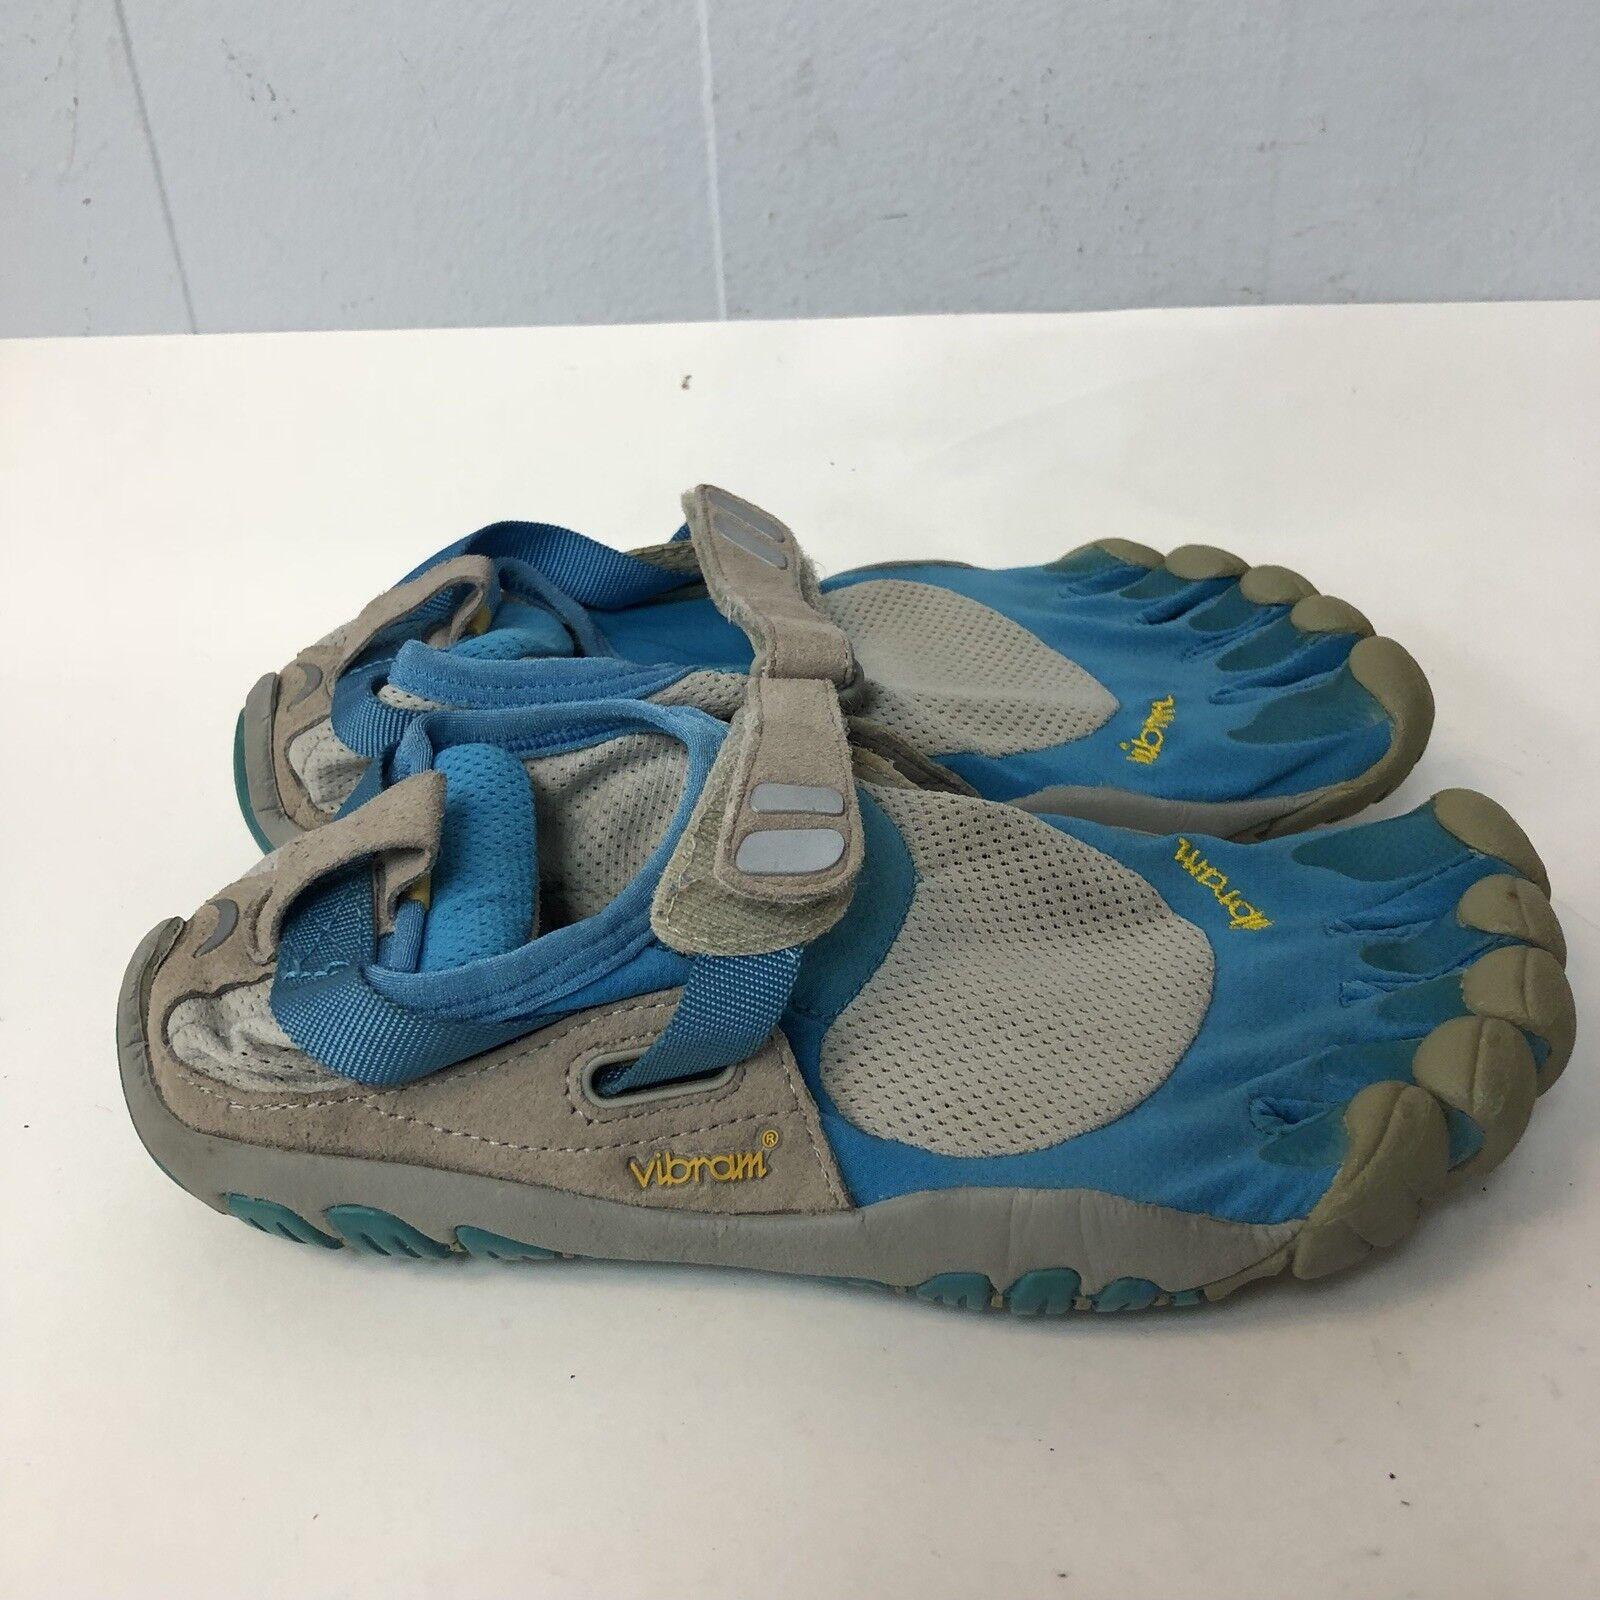 Vibram 7 Fivefingers Shoes Sneakers Women Size 38 US 7 Vibram 6829ac